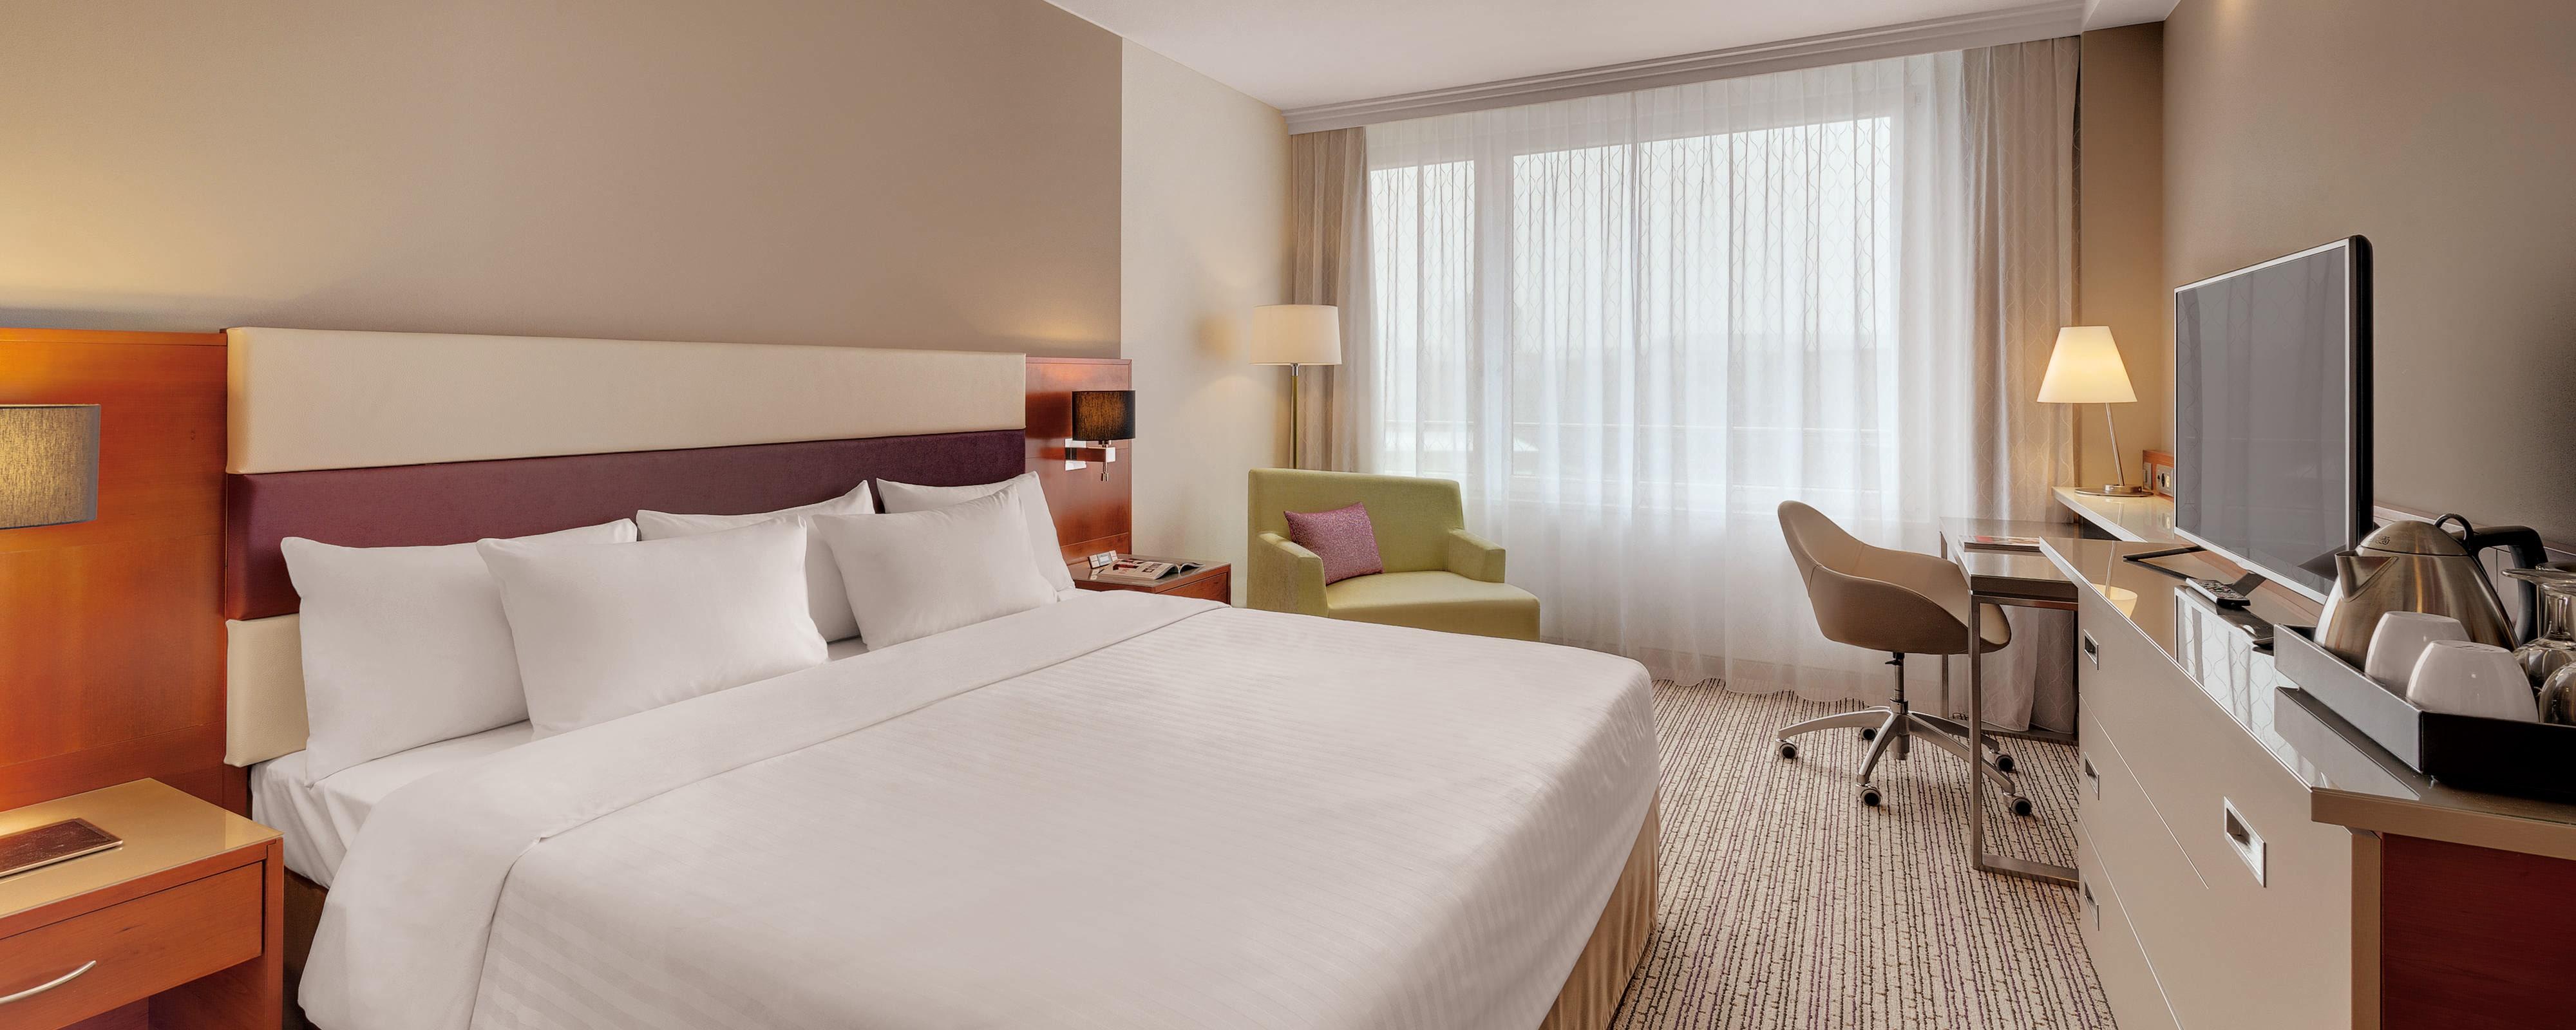 Hotelzimmer im Courtyard Marriott Zürich